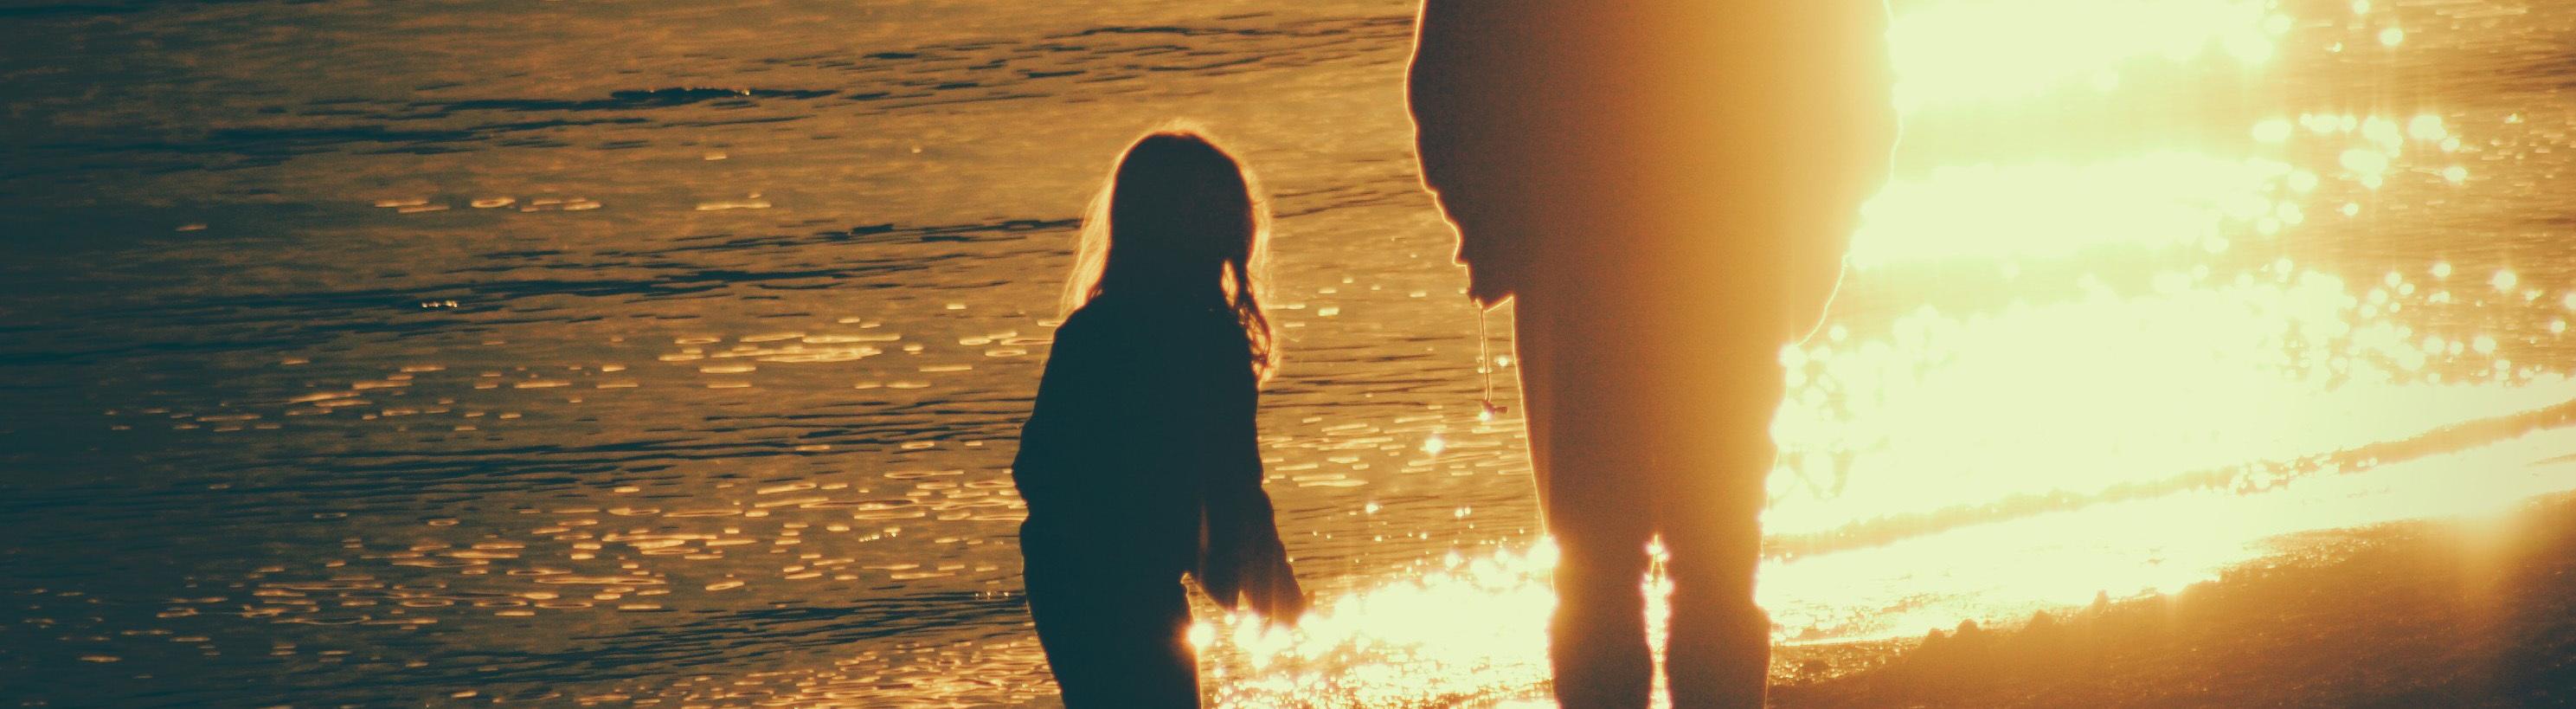 Erwachsener und Kind am Strand beim Sonnenuntergang